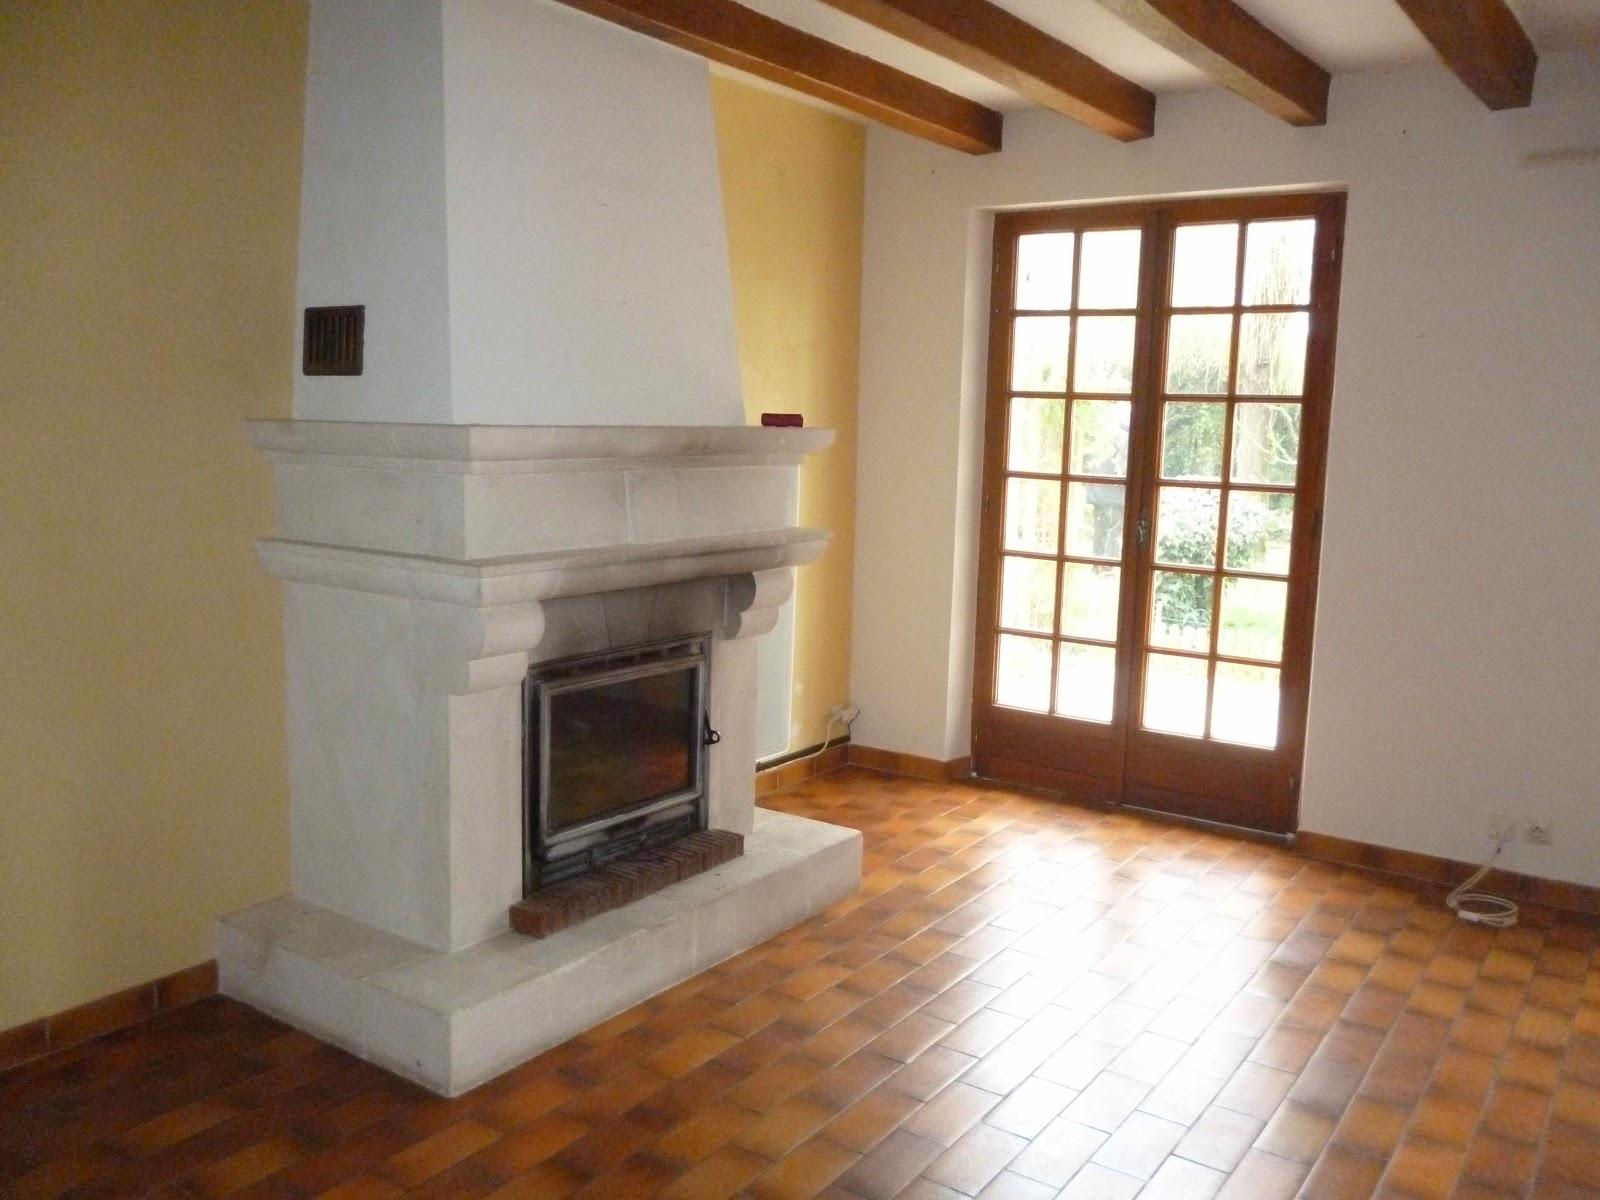 Maison A Vendre En Indre Et Loire